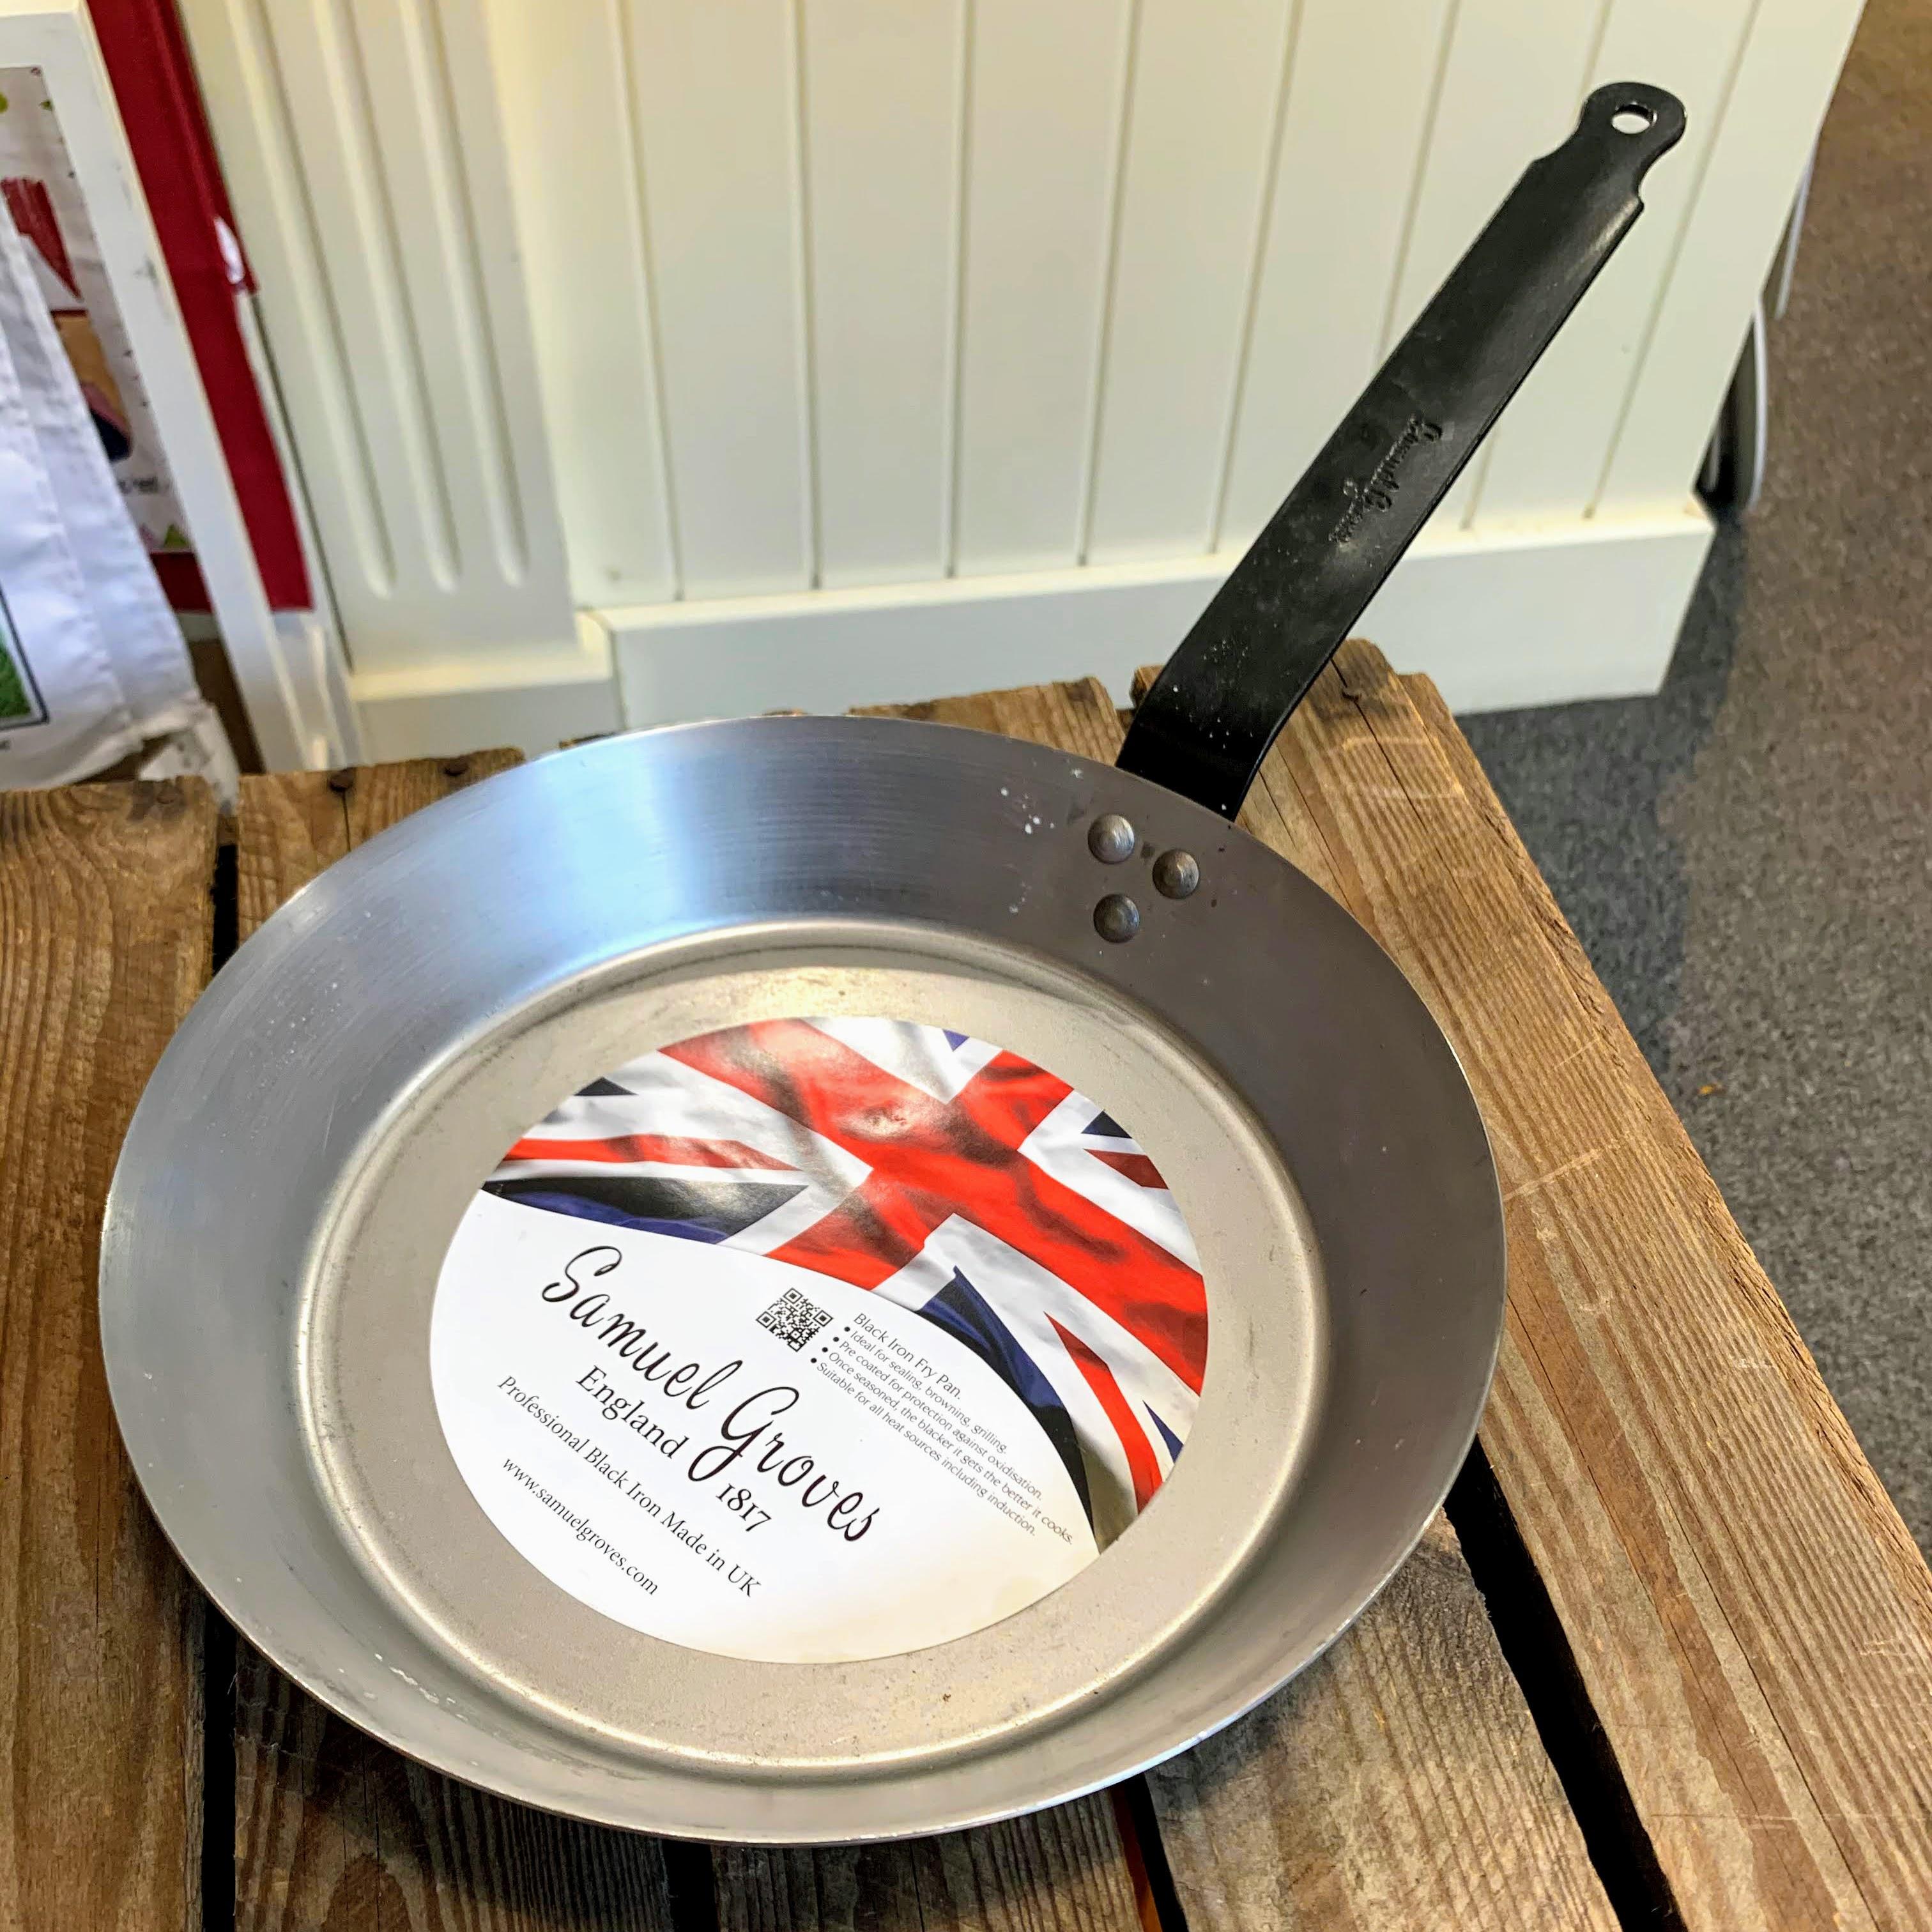 Black Iron Frying Pan